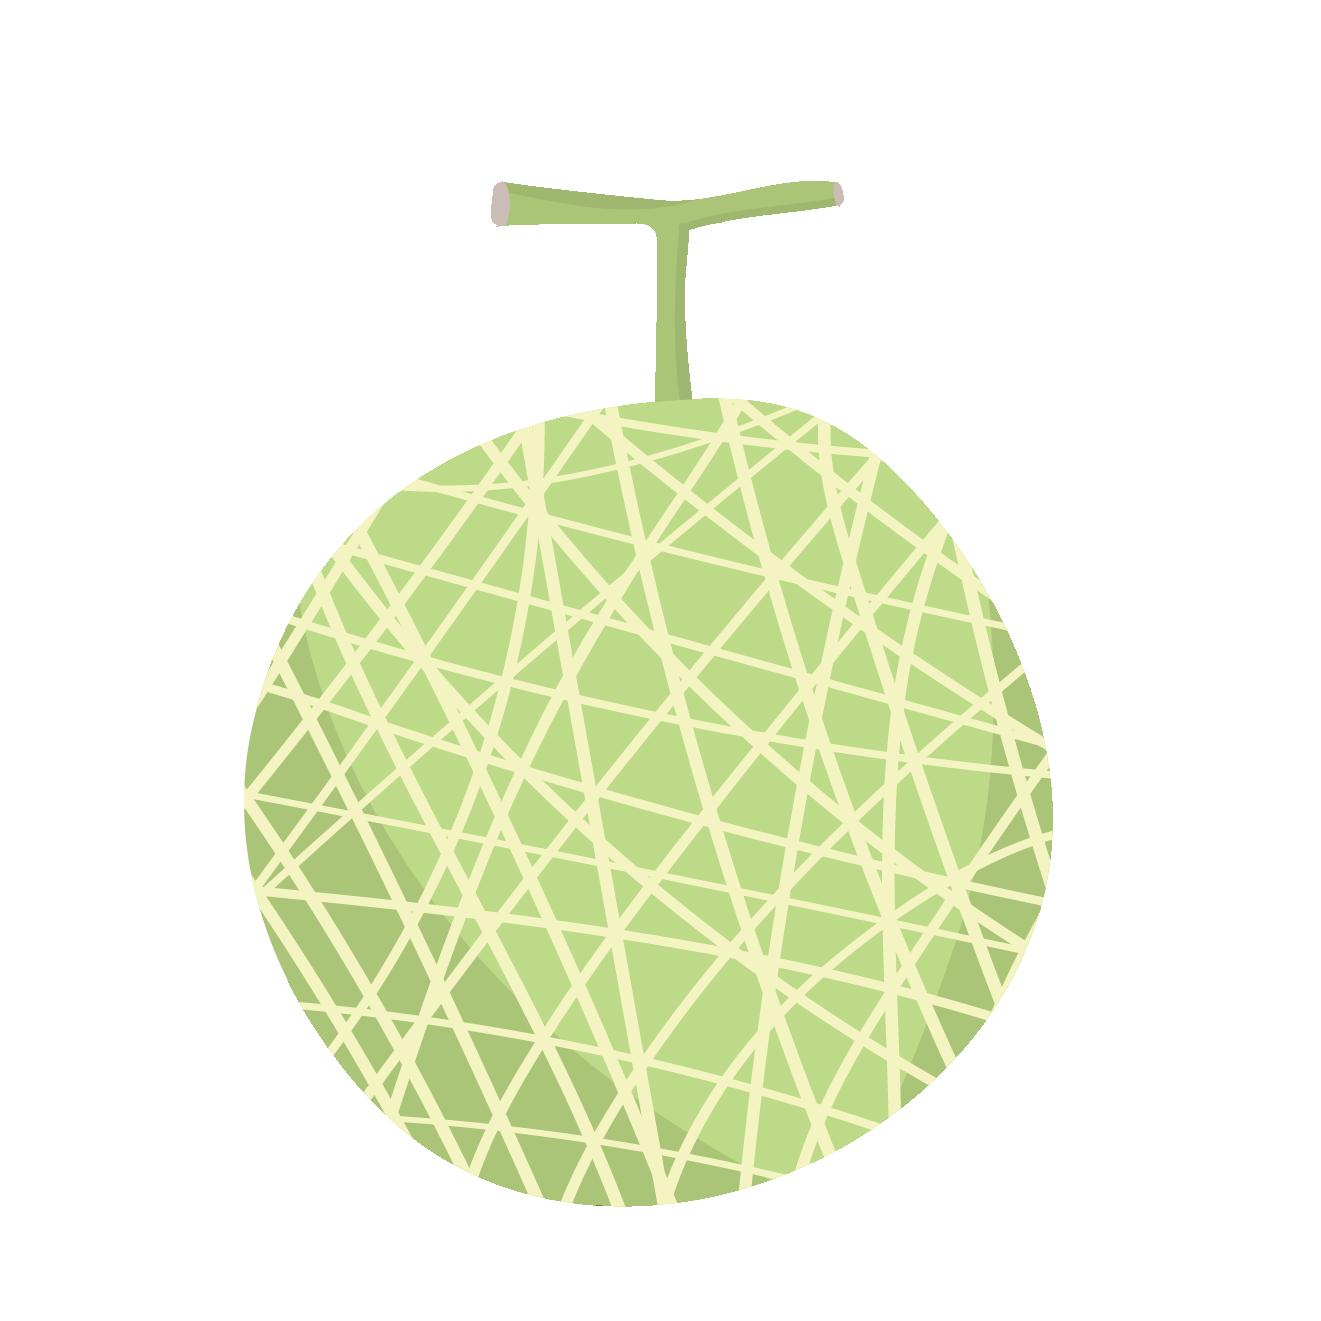 美味しそうなメロンめろんのイラストフルーツ果物 商用